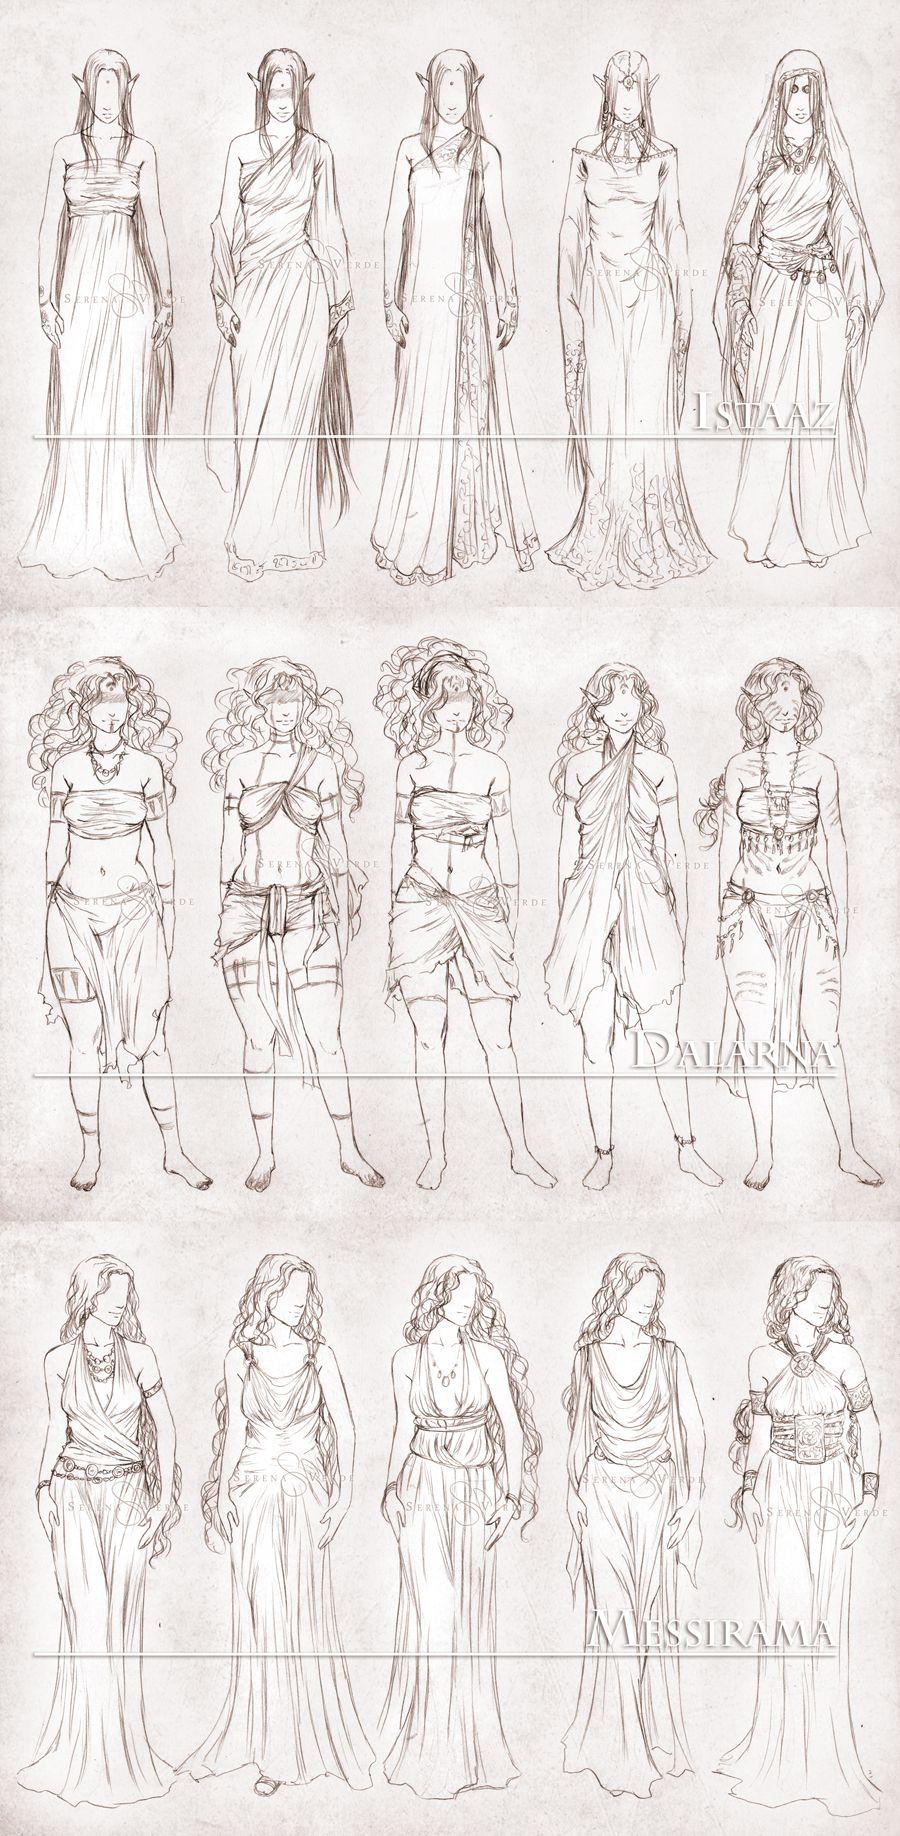 Inavesu Clothing The Girls By NadezhdaVasiledeviantart